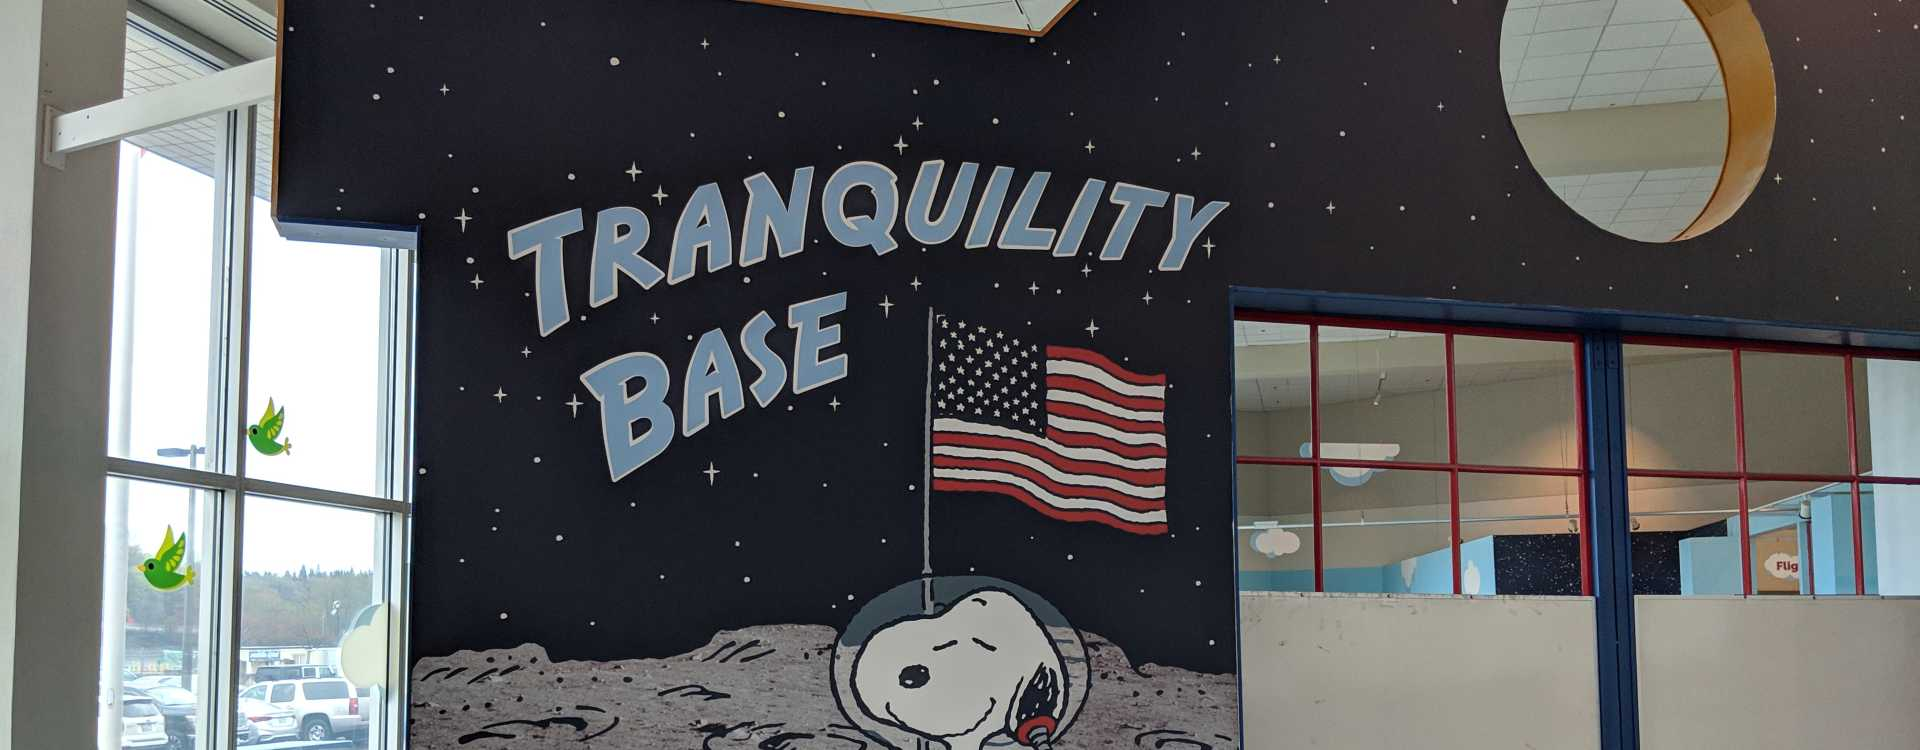 Tranquility Base 2